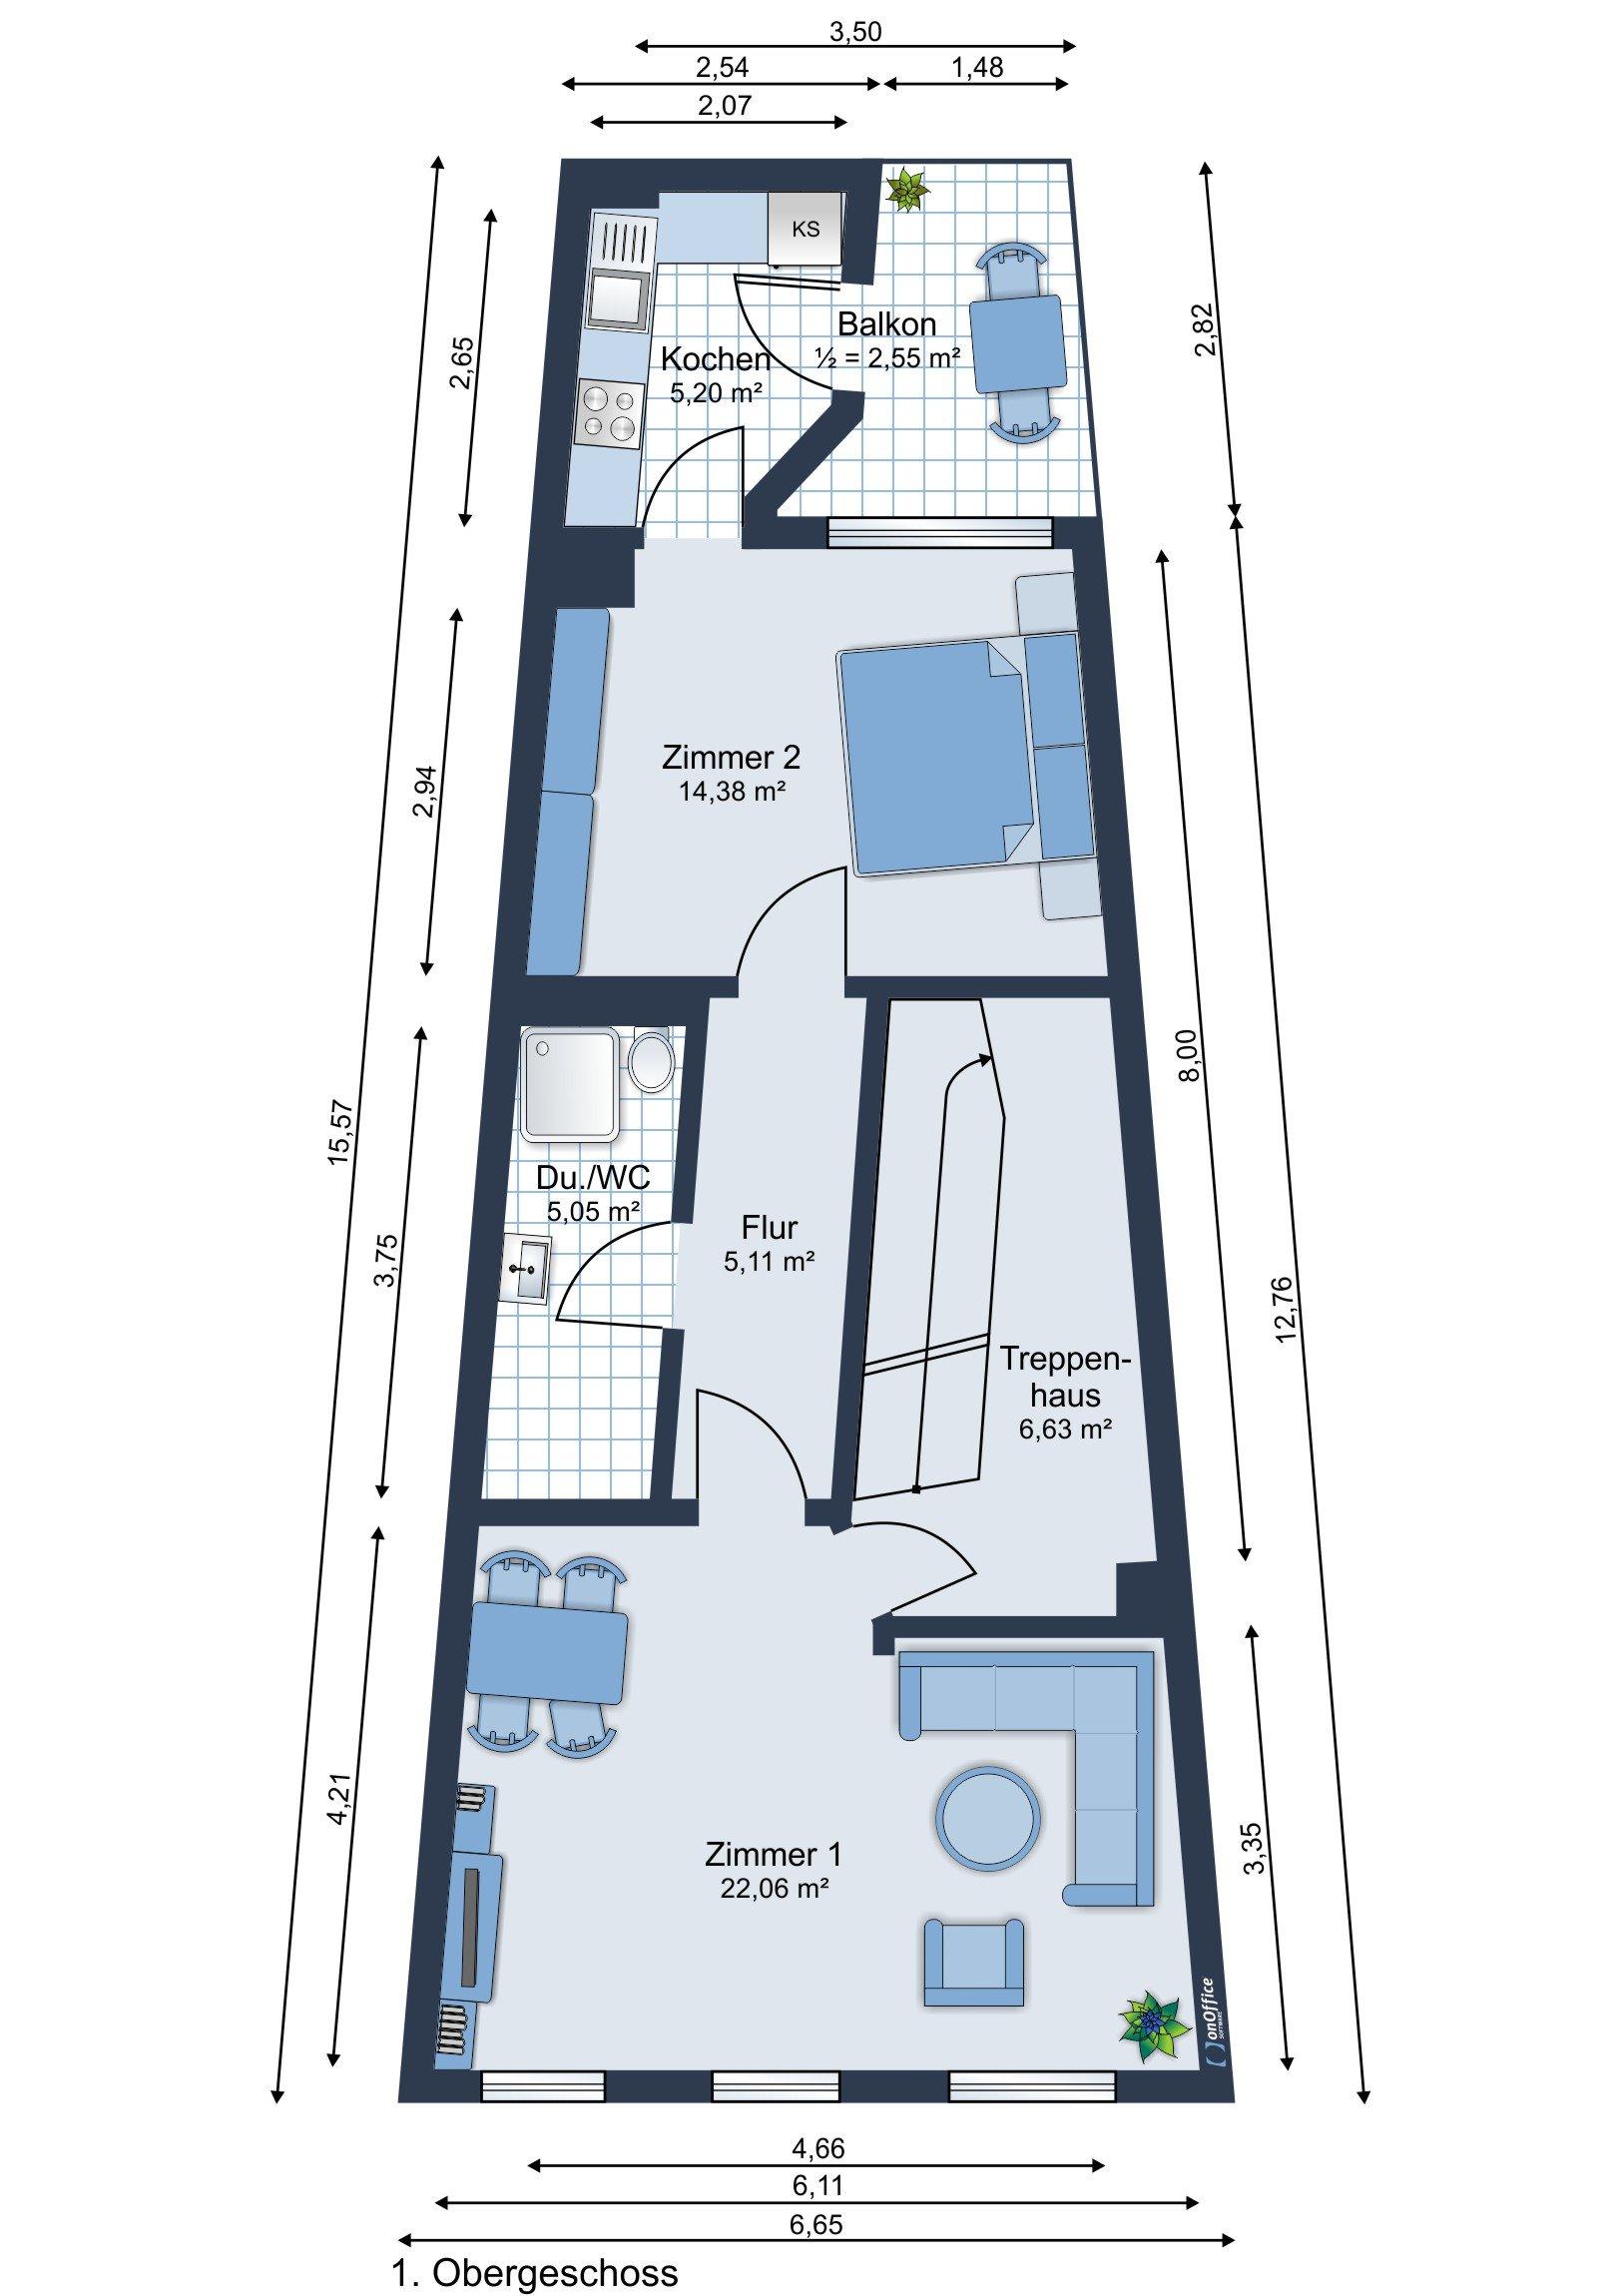 Möbliervorschlag 1. Obergeschoss